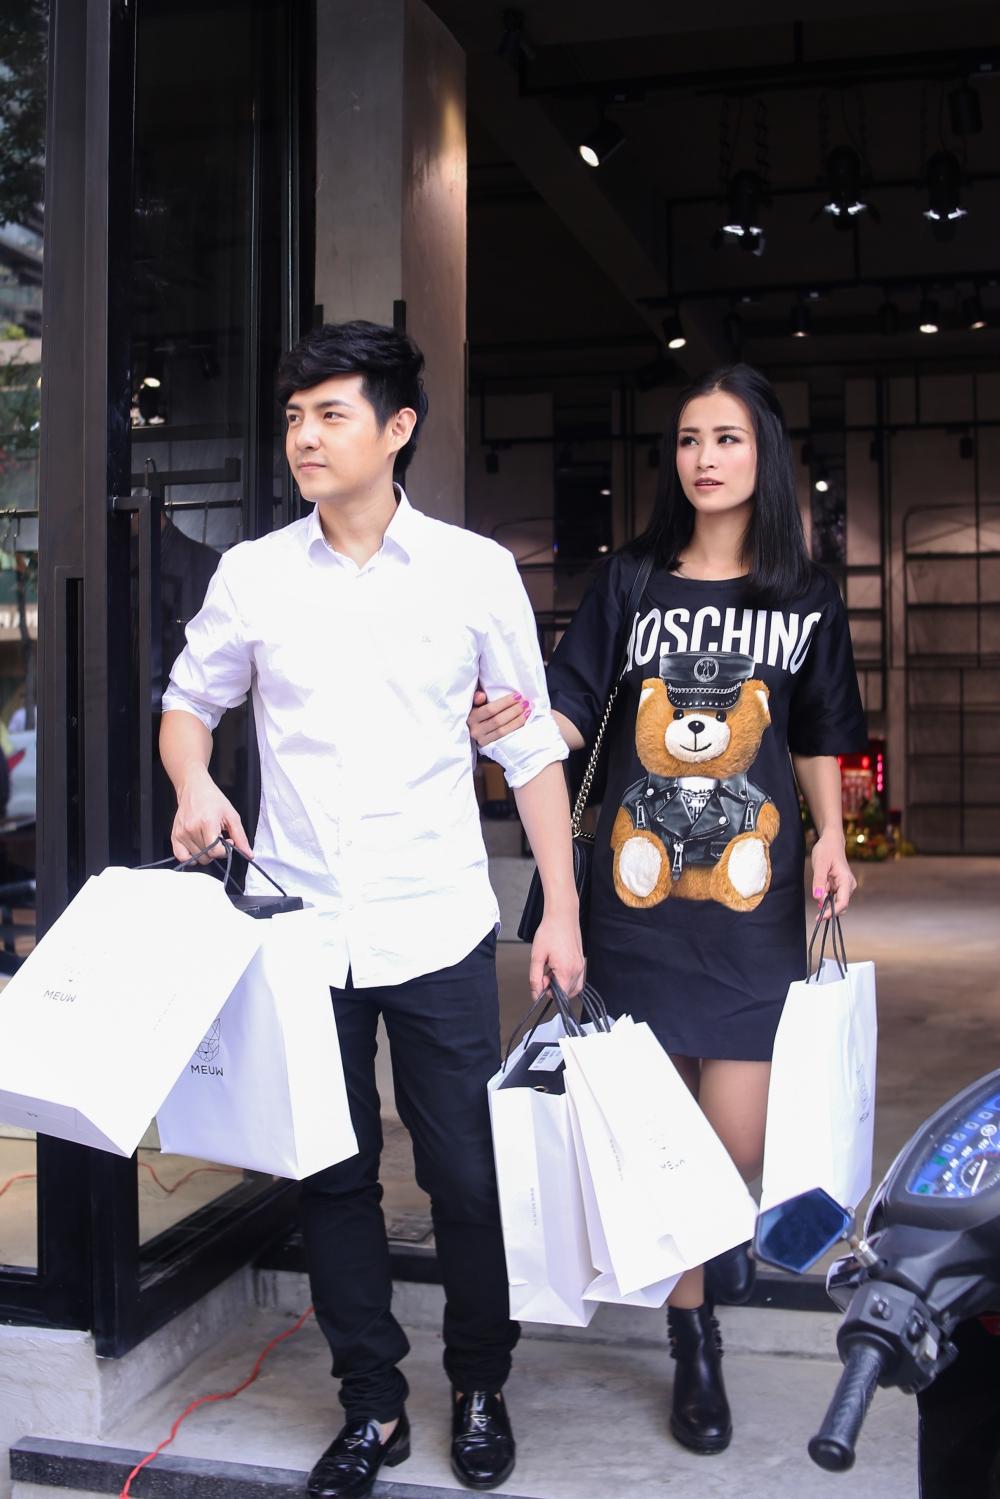 Bận rộn cho liveshow, Đông Nhi vẫn tranh thủ đưa Ông Cao Thắng đi mua sắm - Ảnh 9.